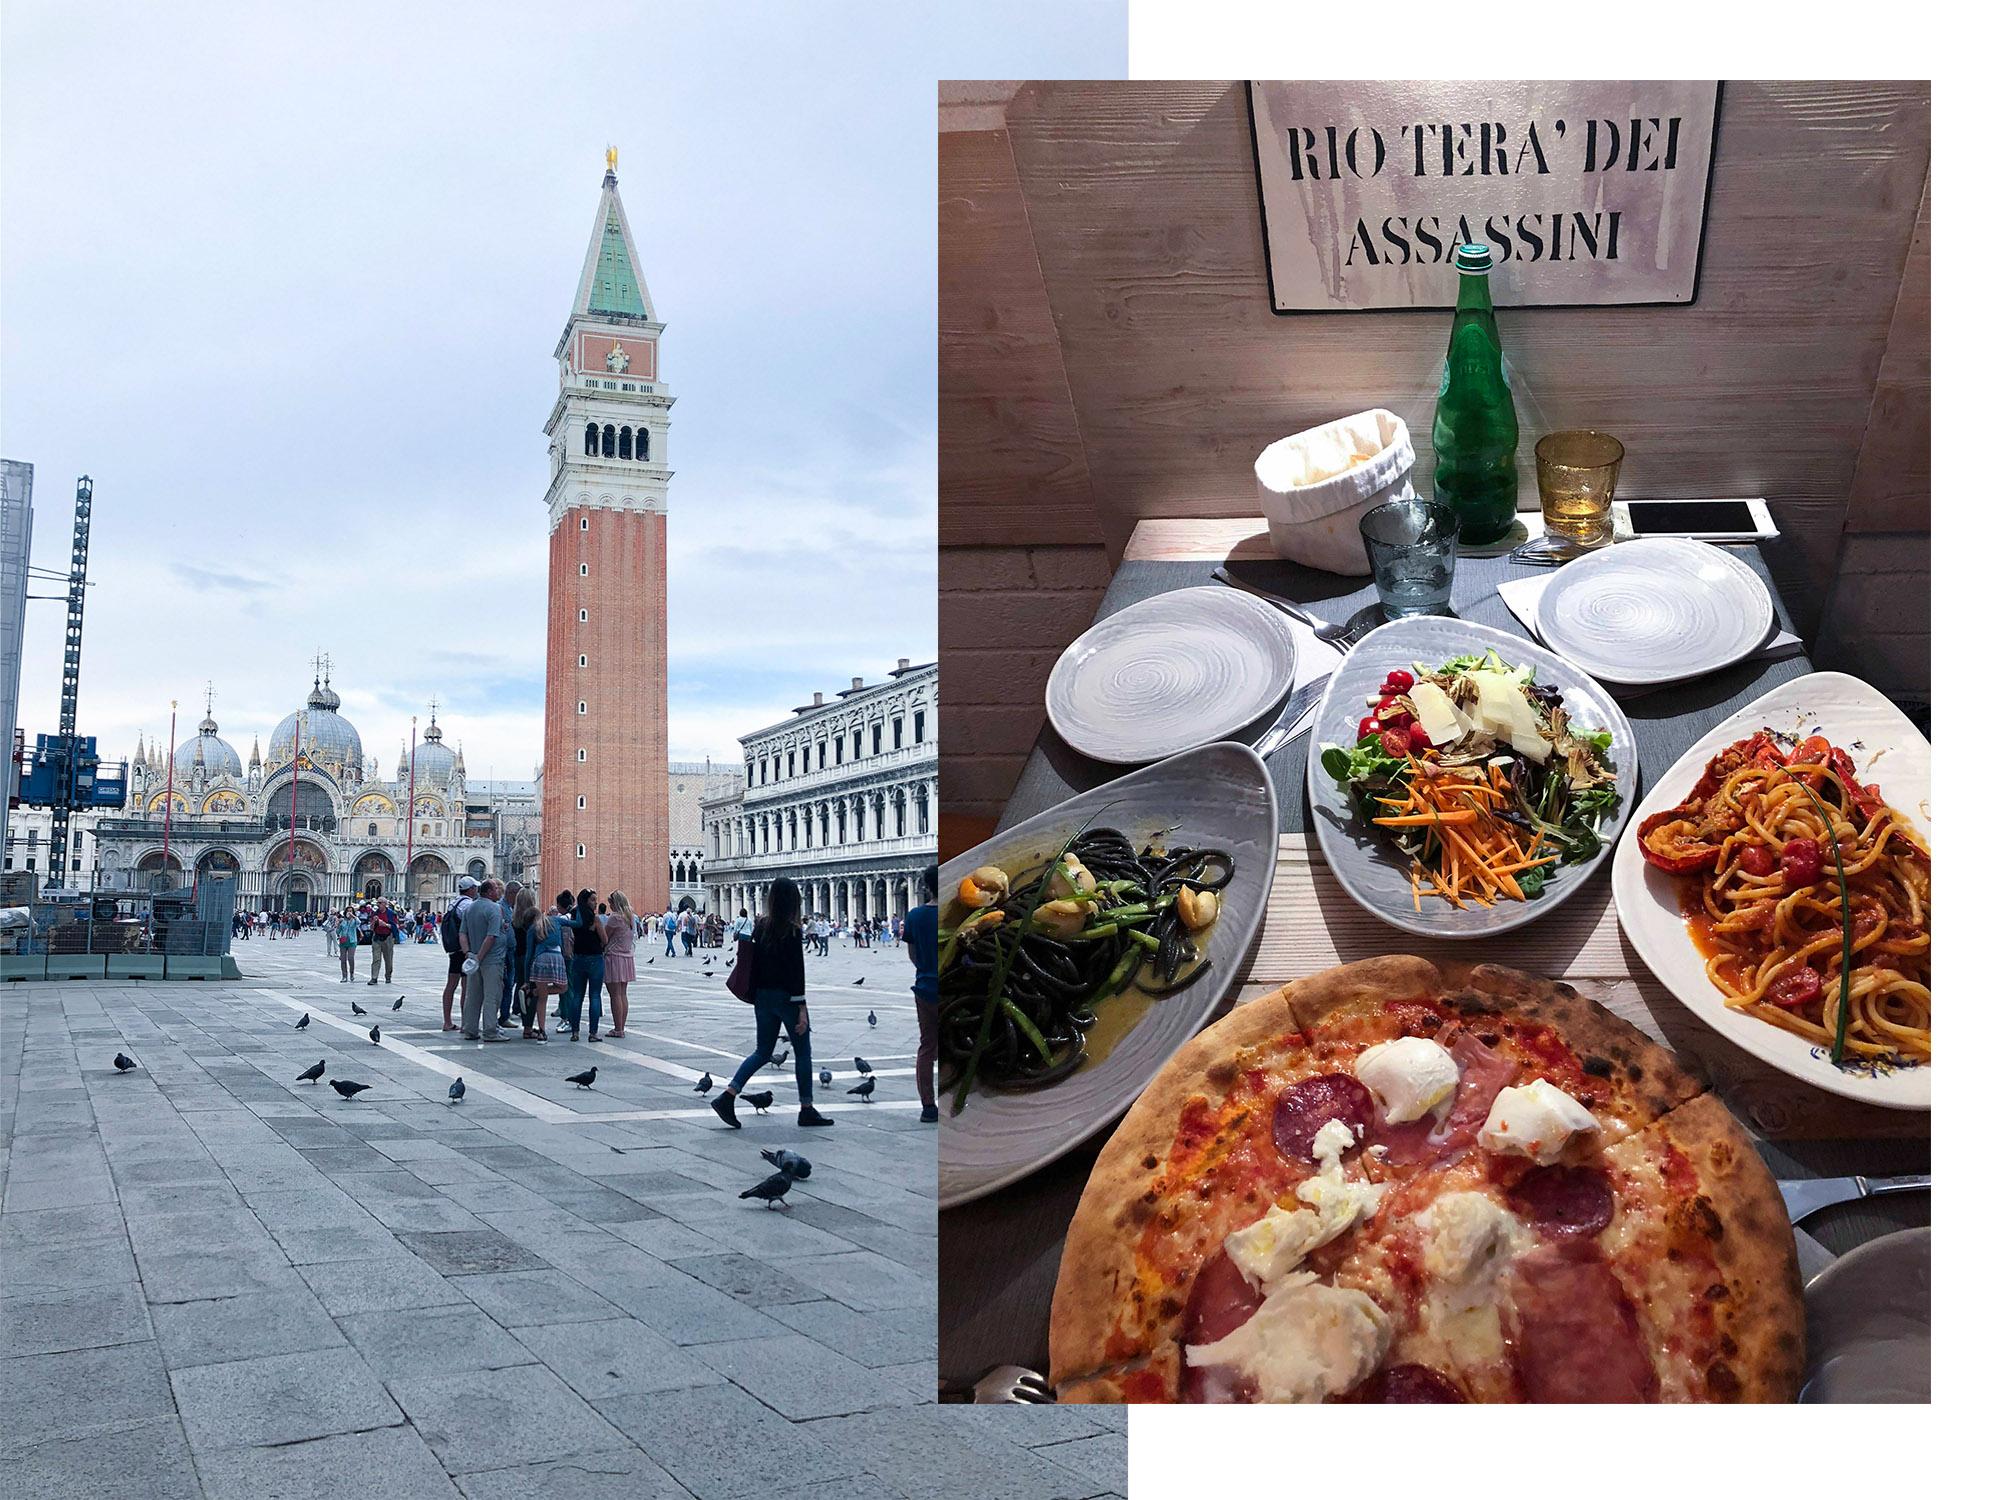 威尼斯餐廳推薦|義大利威尼斯必吃的Top8.美食(墨魚麵/龍蝦義大利麵/海鮮)